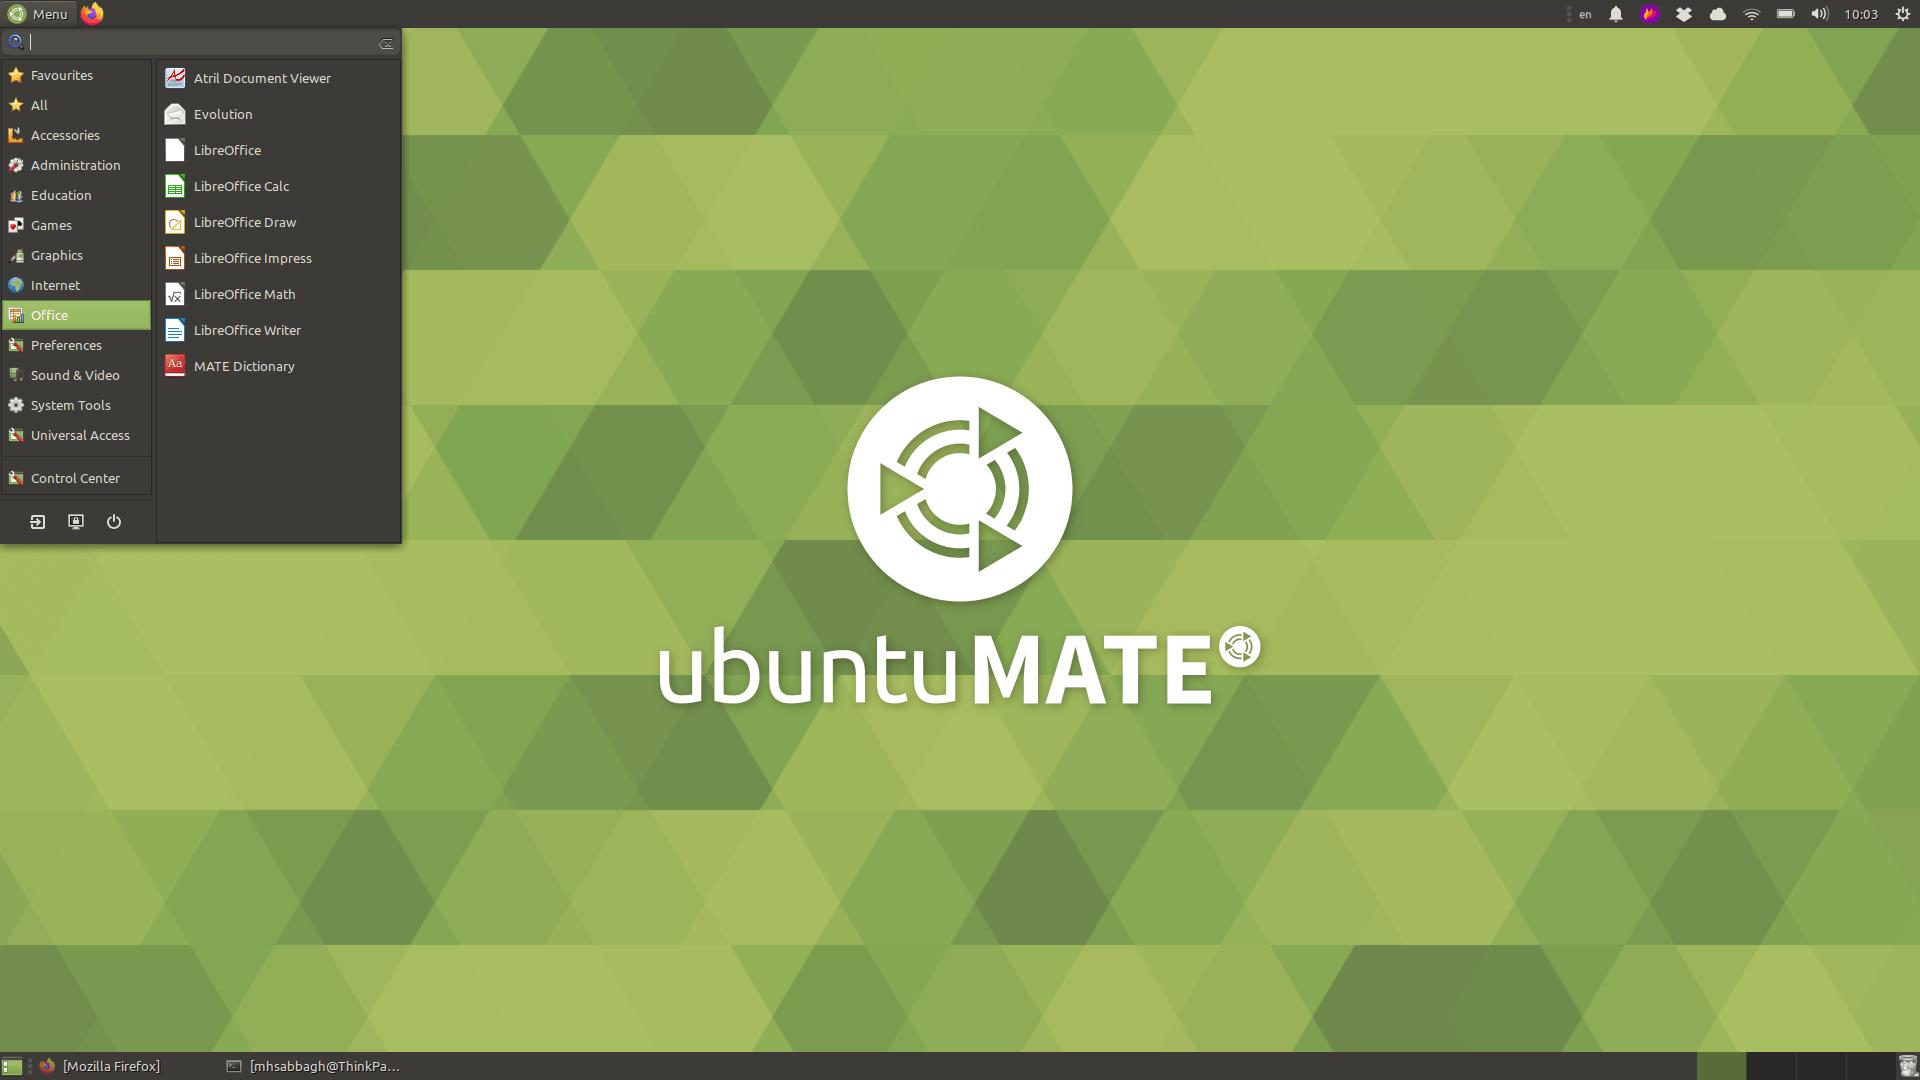 Ubuntu mate 19.10 15 December 22, 2019